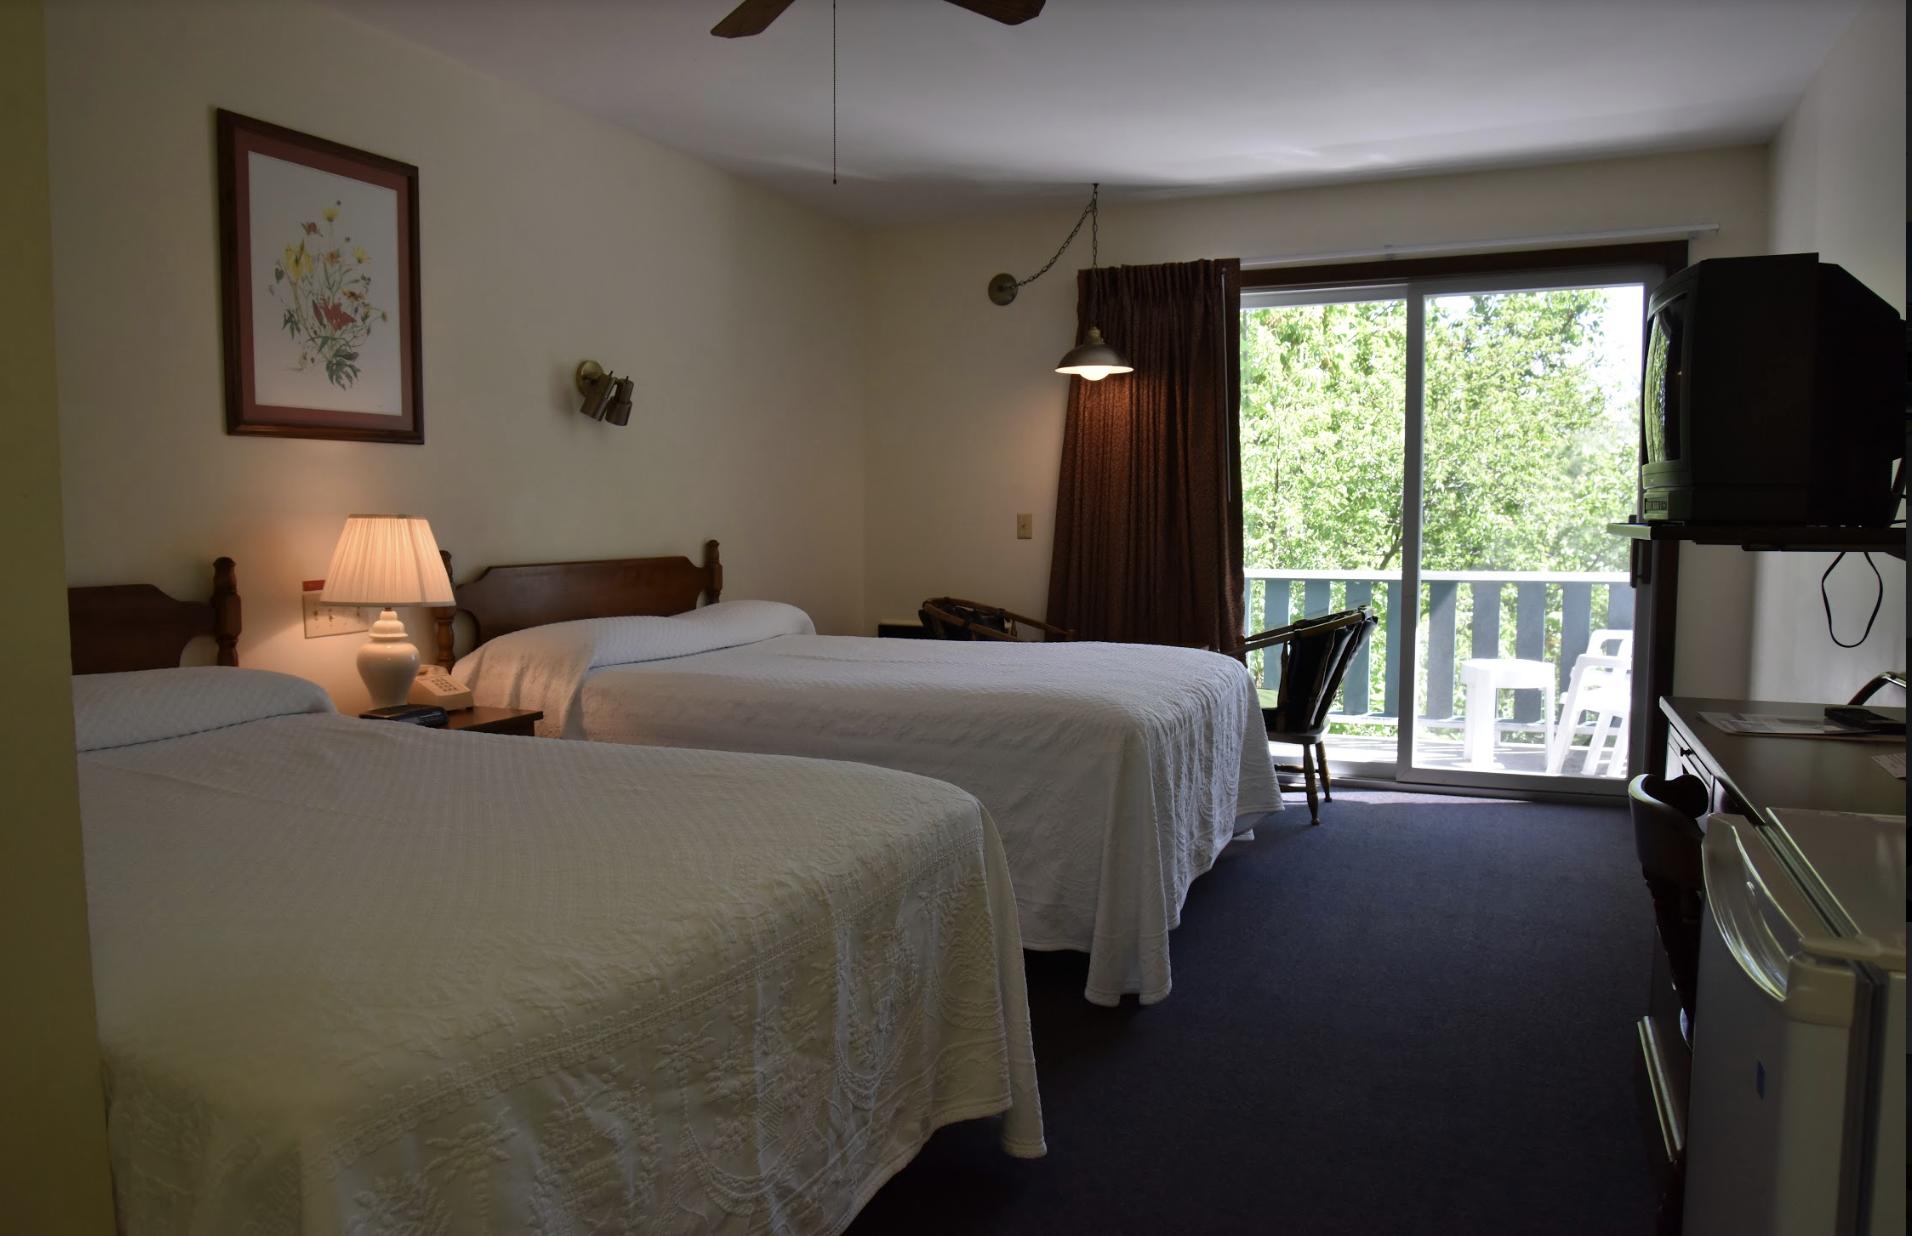 Edenbrook Motel image 6